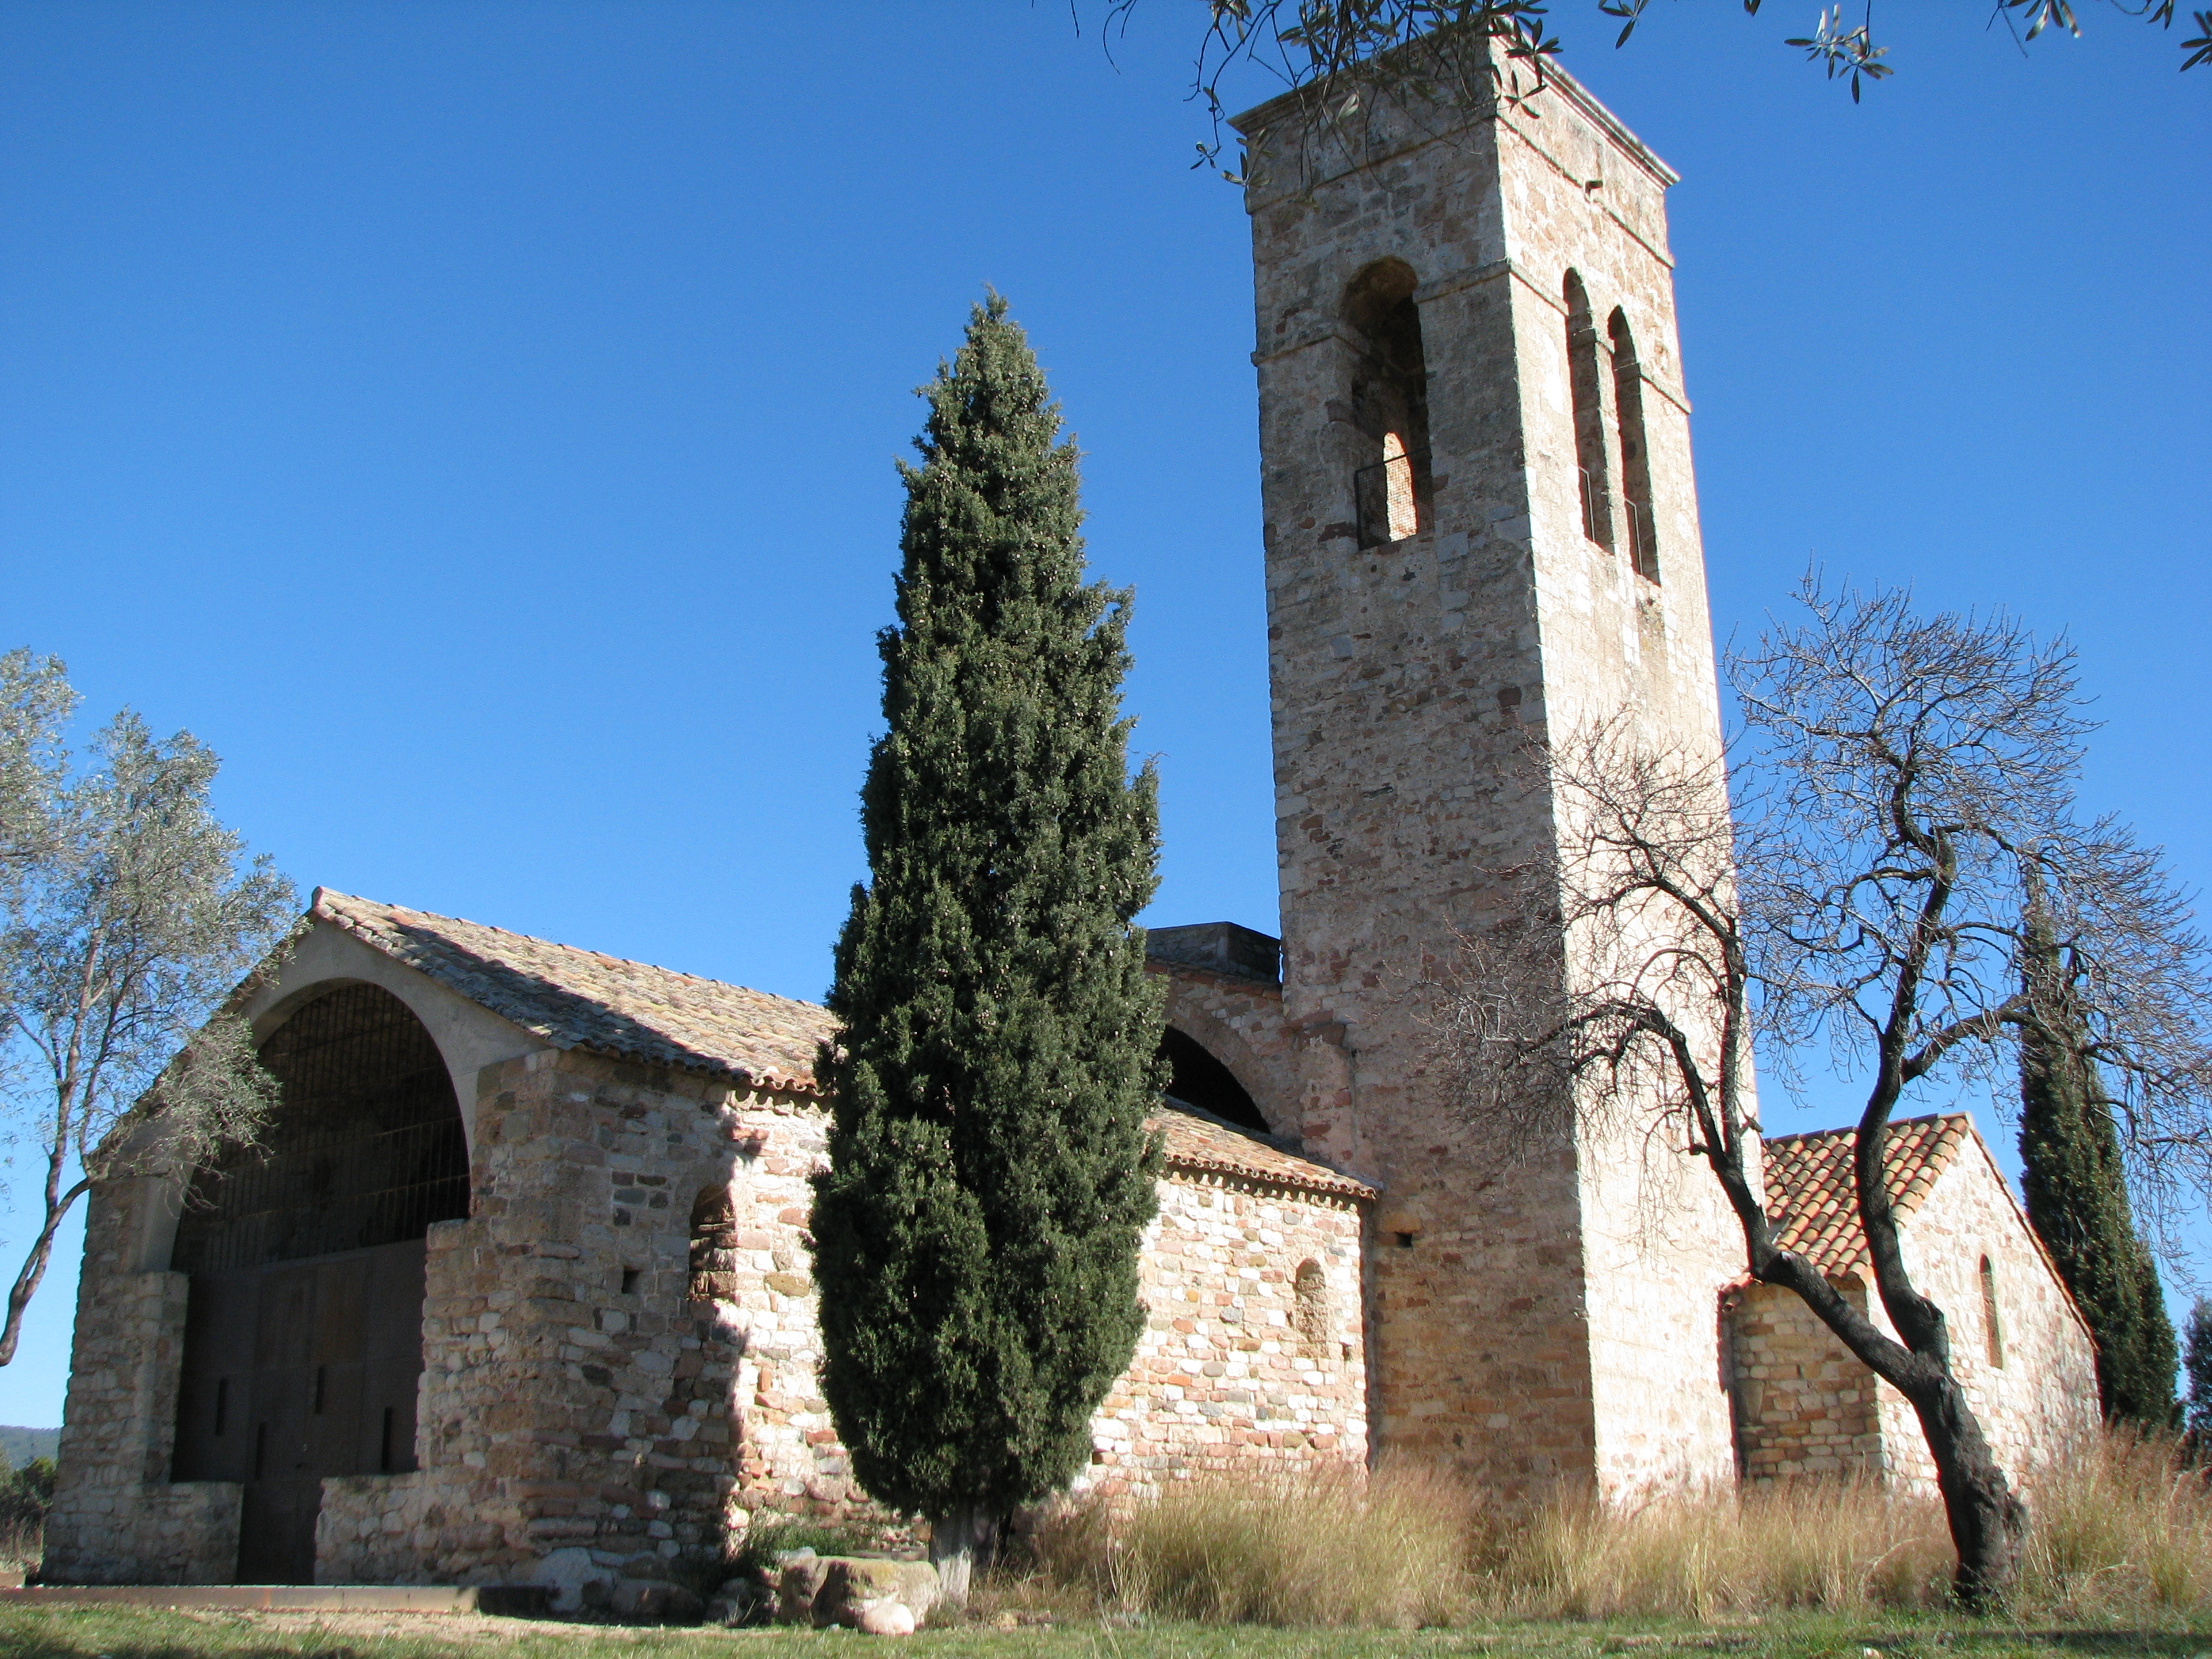 Pisos en castellar del vall s qu inmobiliarias ofrecen - Tiempo castellar del valles ...